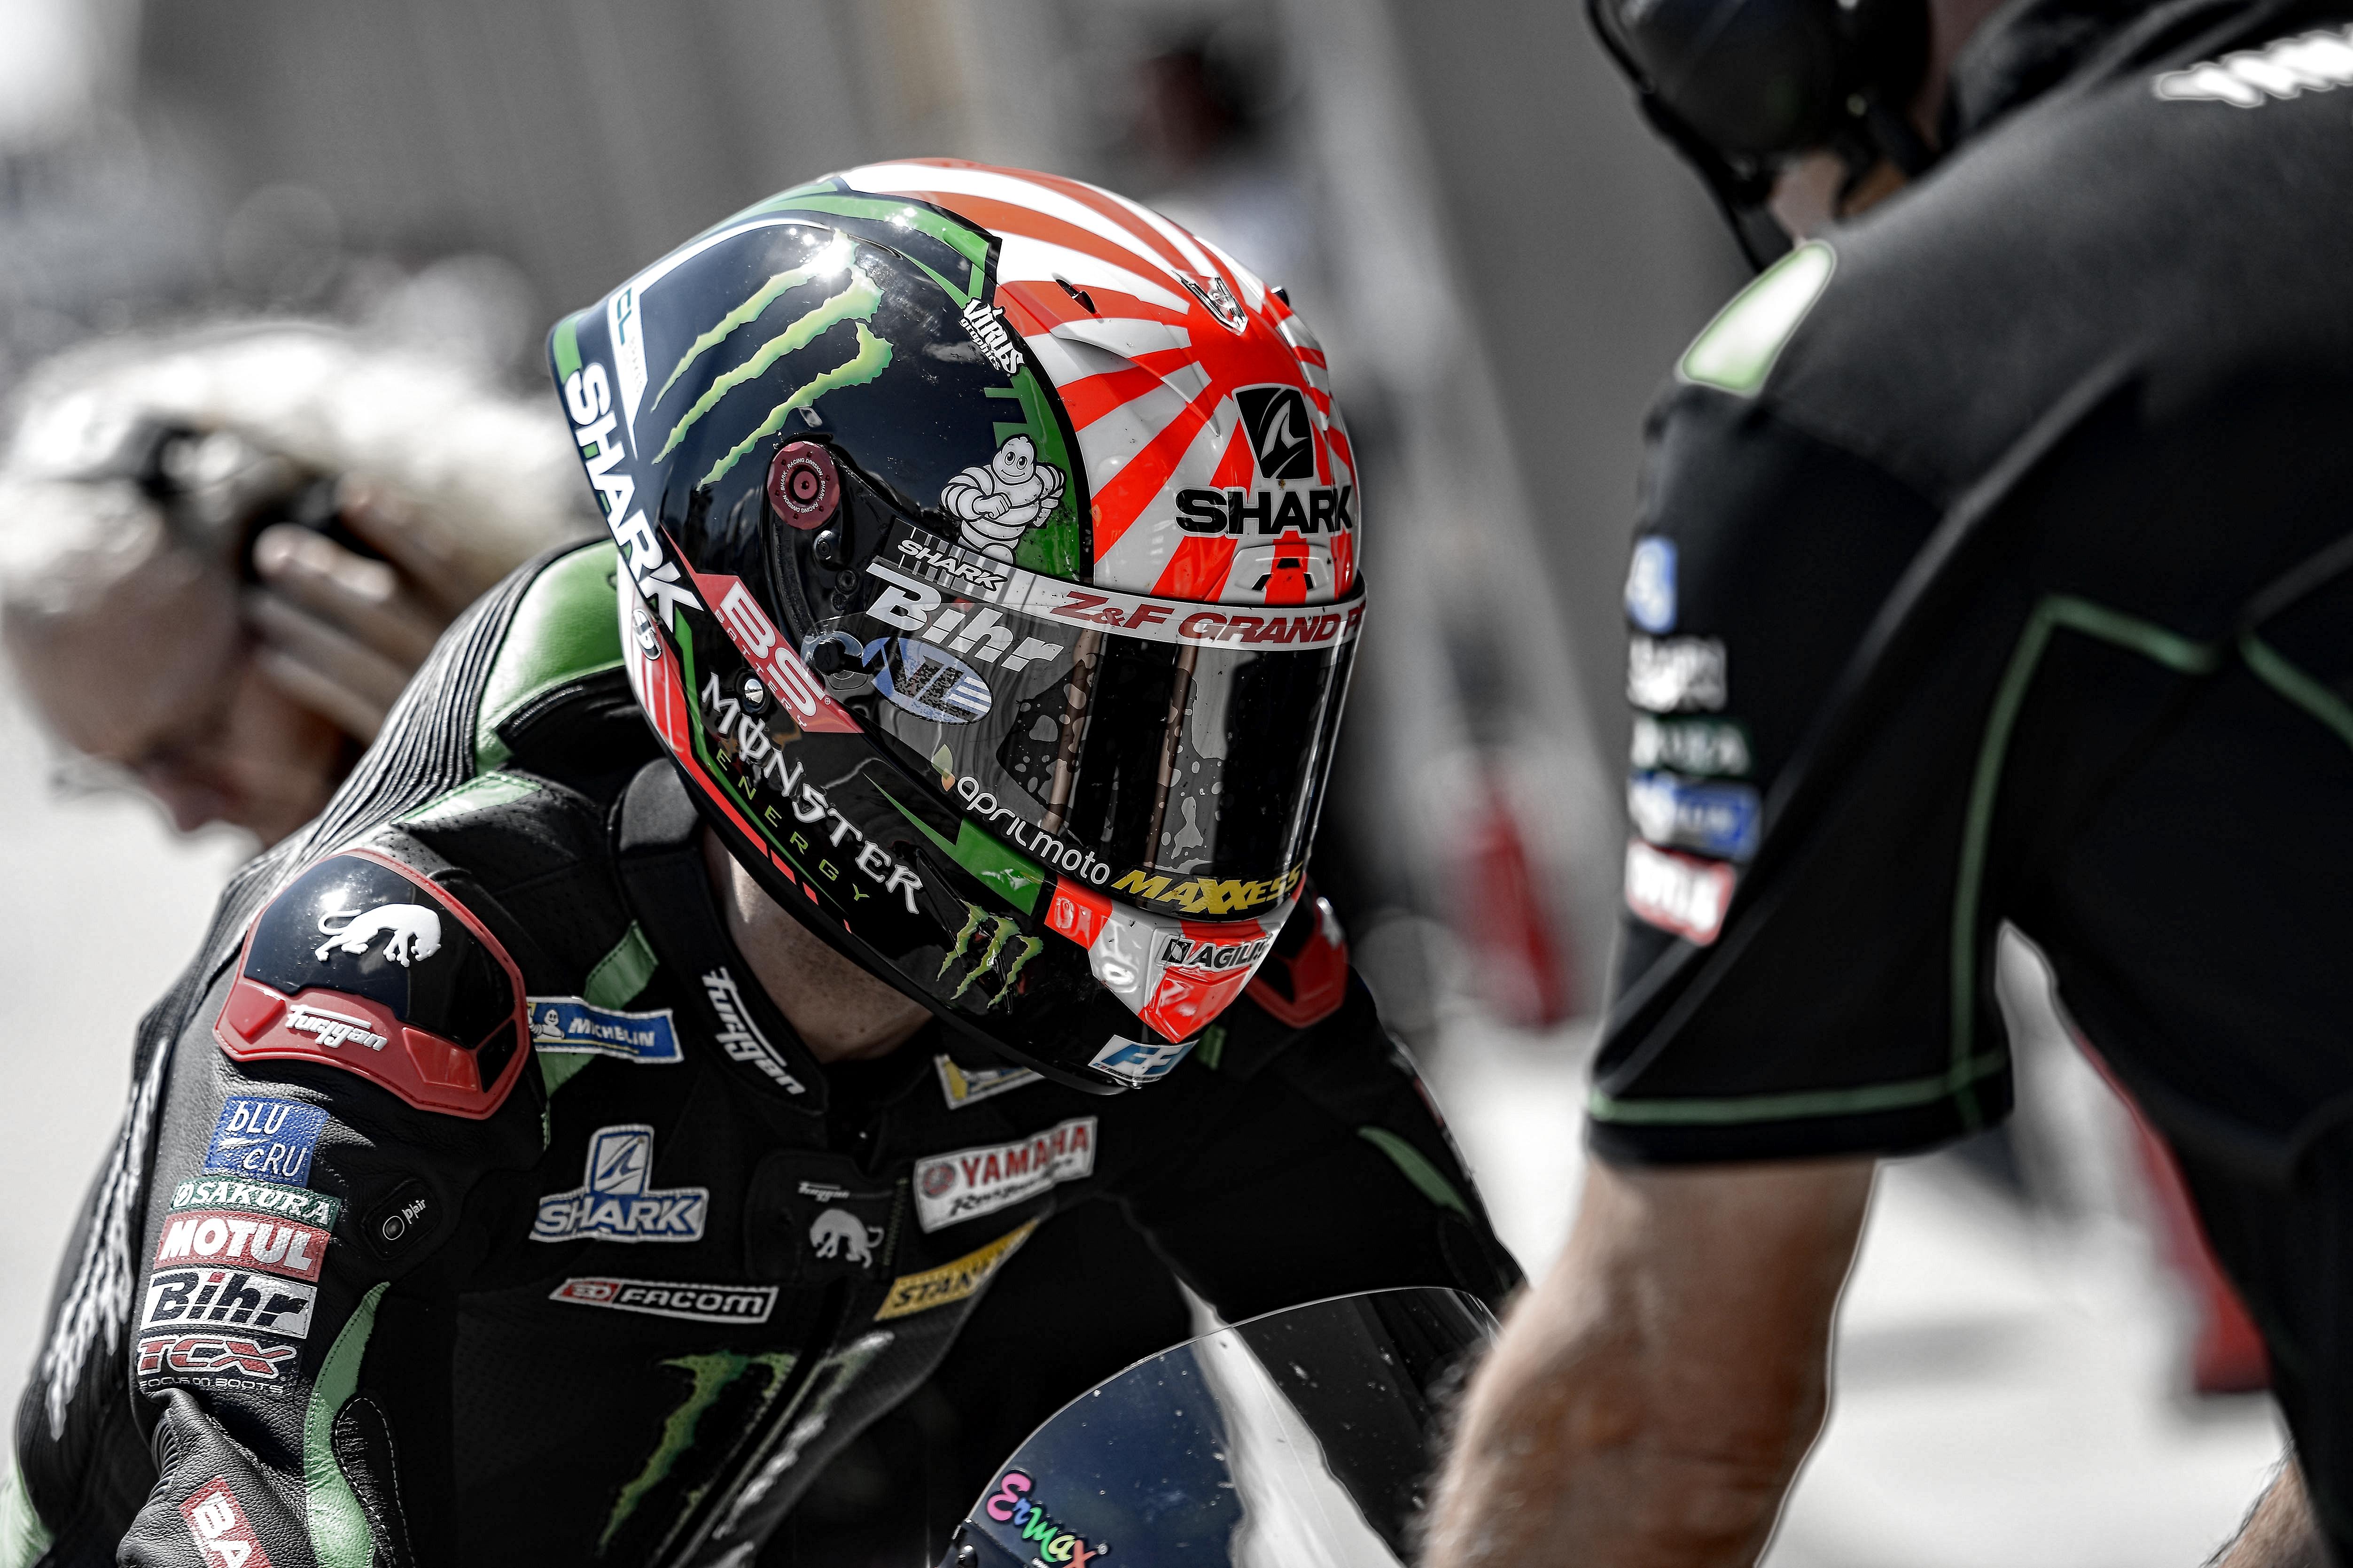 Anwendung in der MotoGP